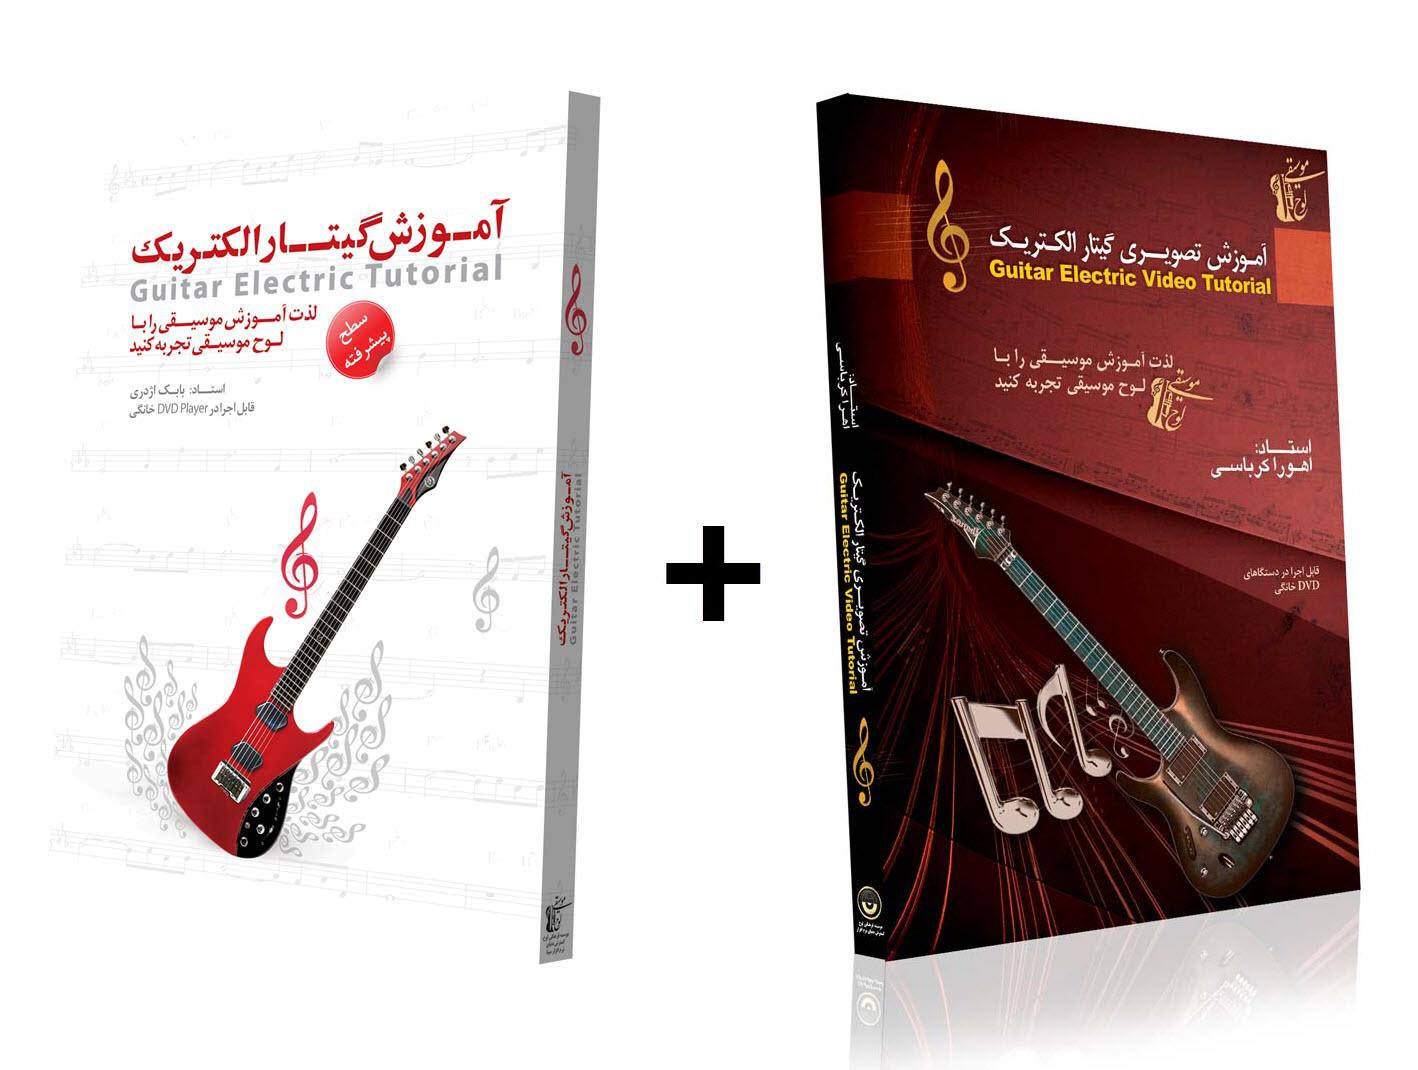 پکیج جامع آموزش گیتار الکتریک